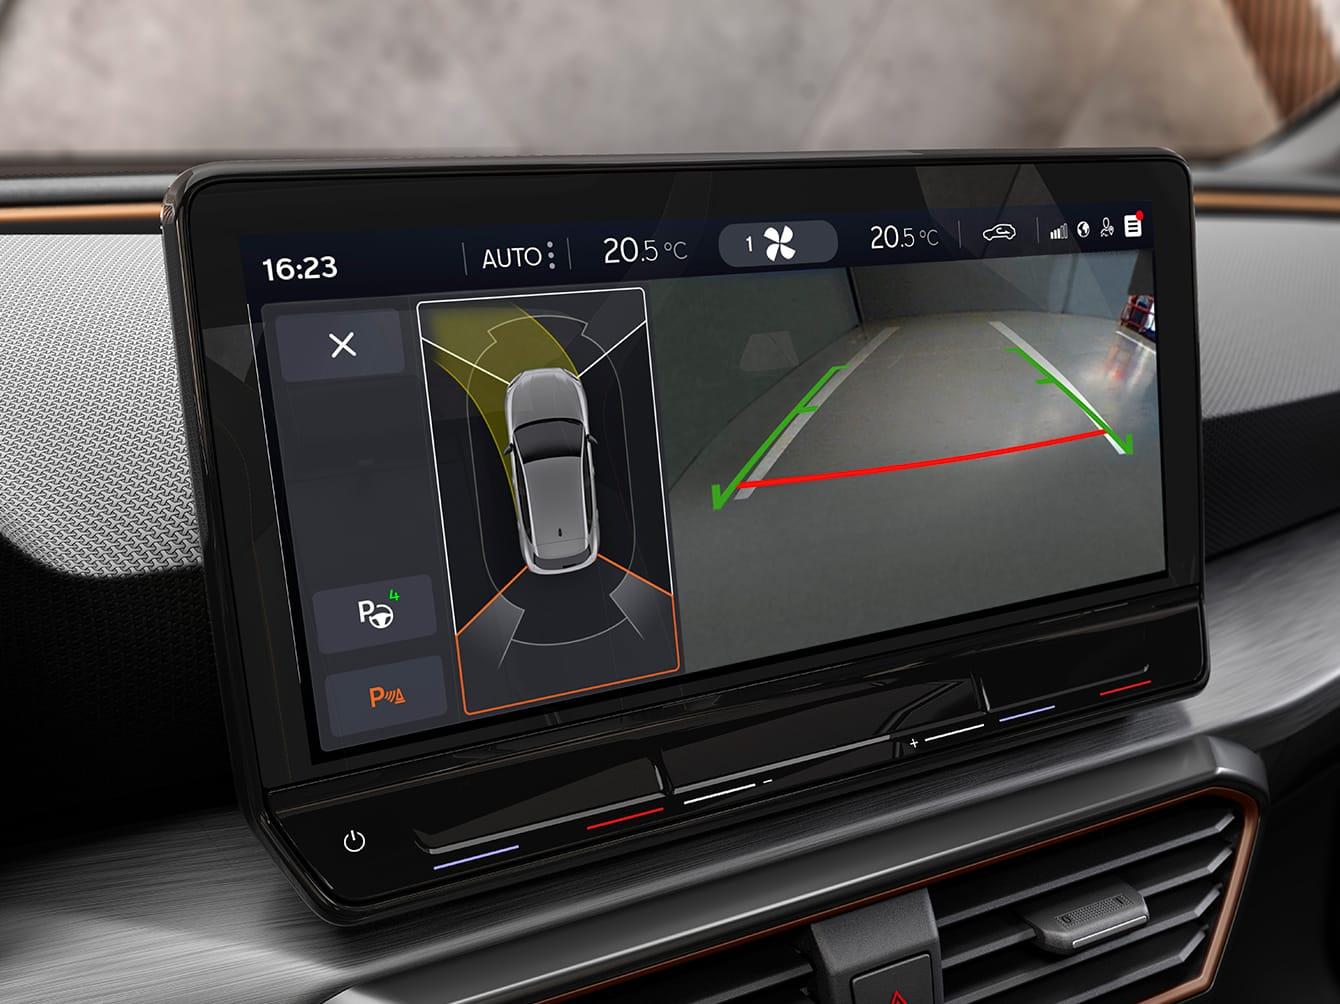 Stationnement autonome avec la nouvelle CUPRA Leon cinq portes ehybrid voiture de sport compacte vue intérieure